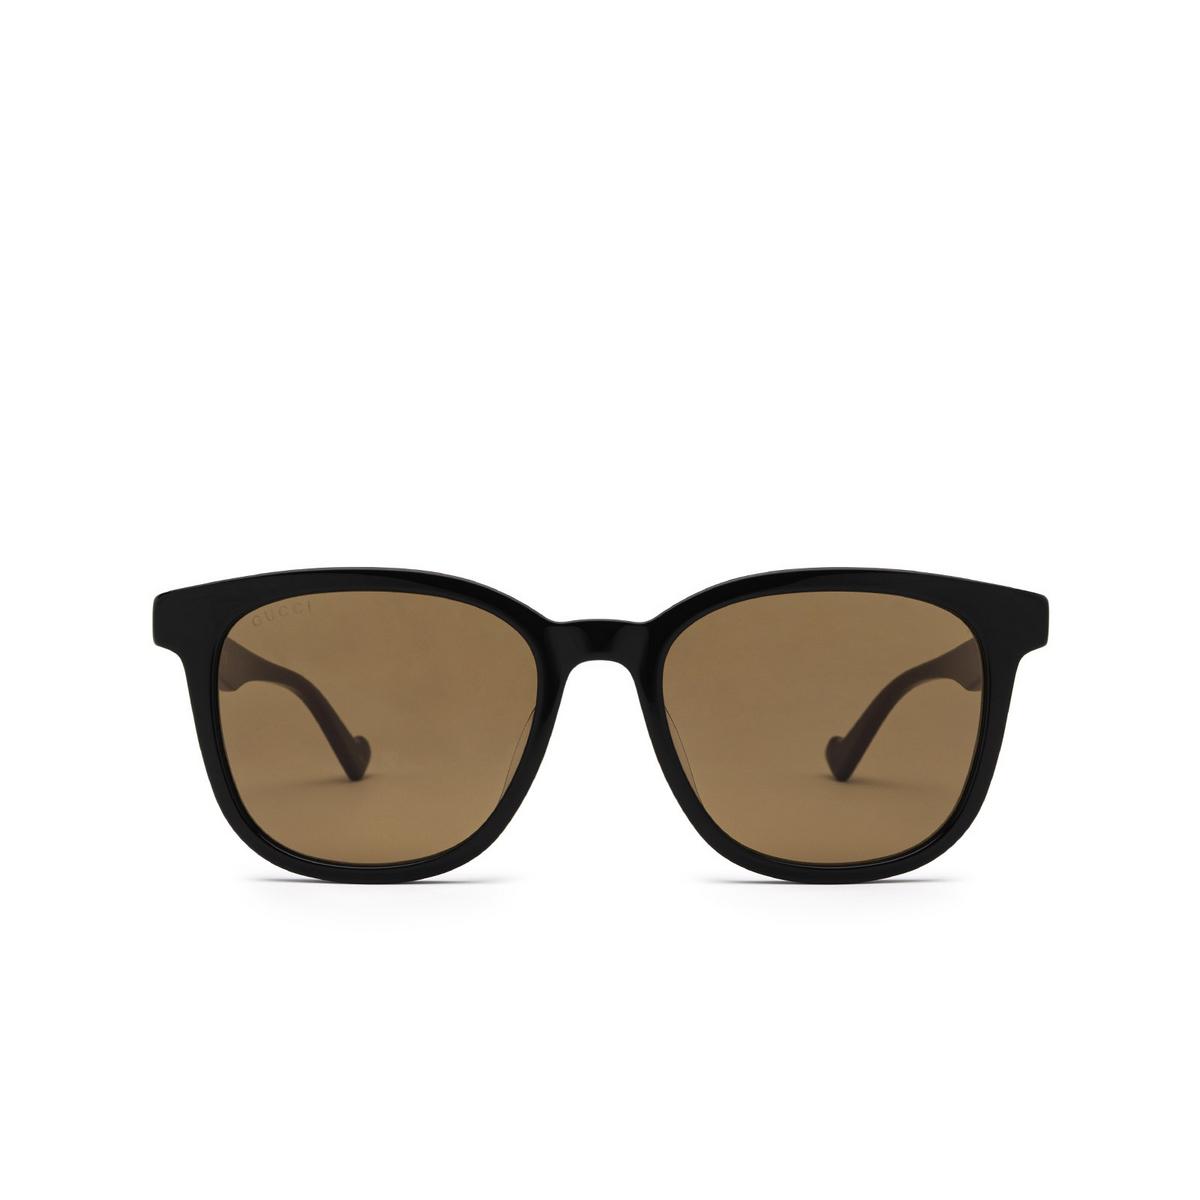 Gucci® Square Sunglasses: GG1001SK color Black 002 - front view.